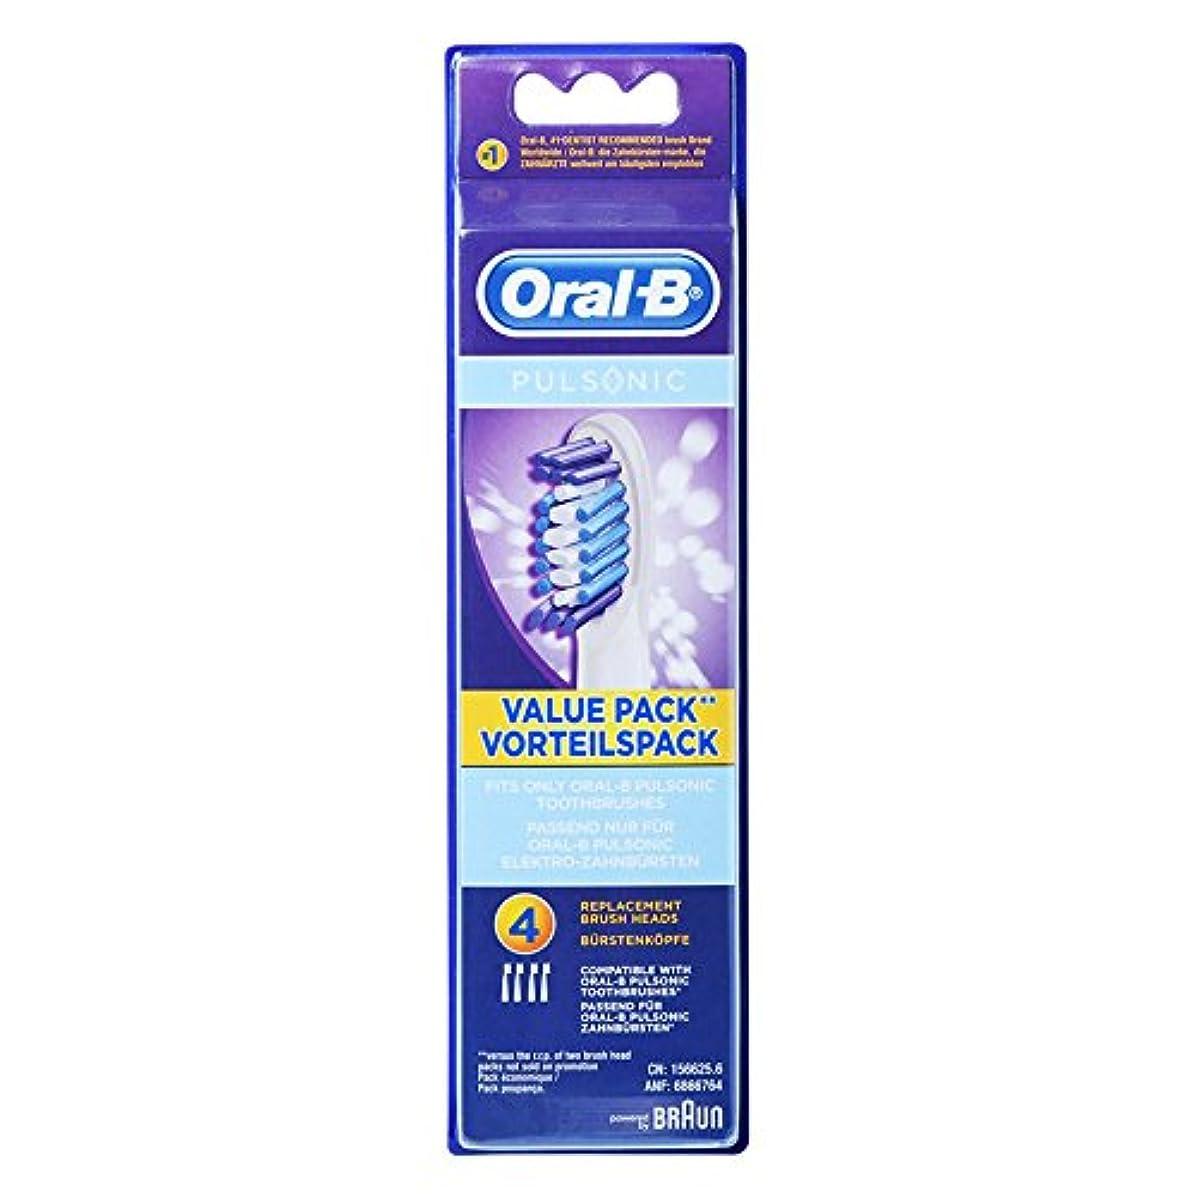 ブレーキ回るオペラBraun Oral-B SR32-4 Pulsonic Value Pack 交換用ブラシヘッド 1Pack [並行輸入品]